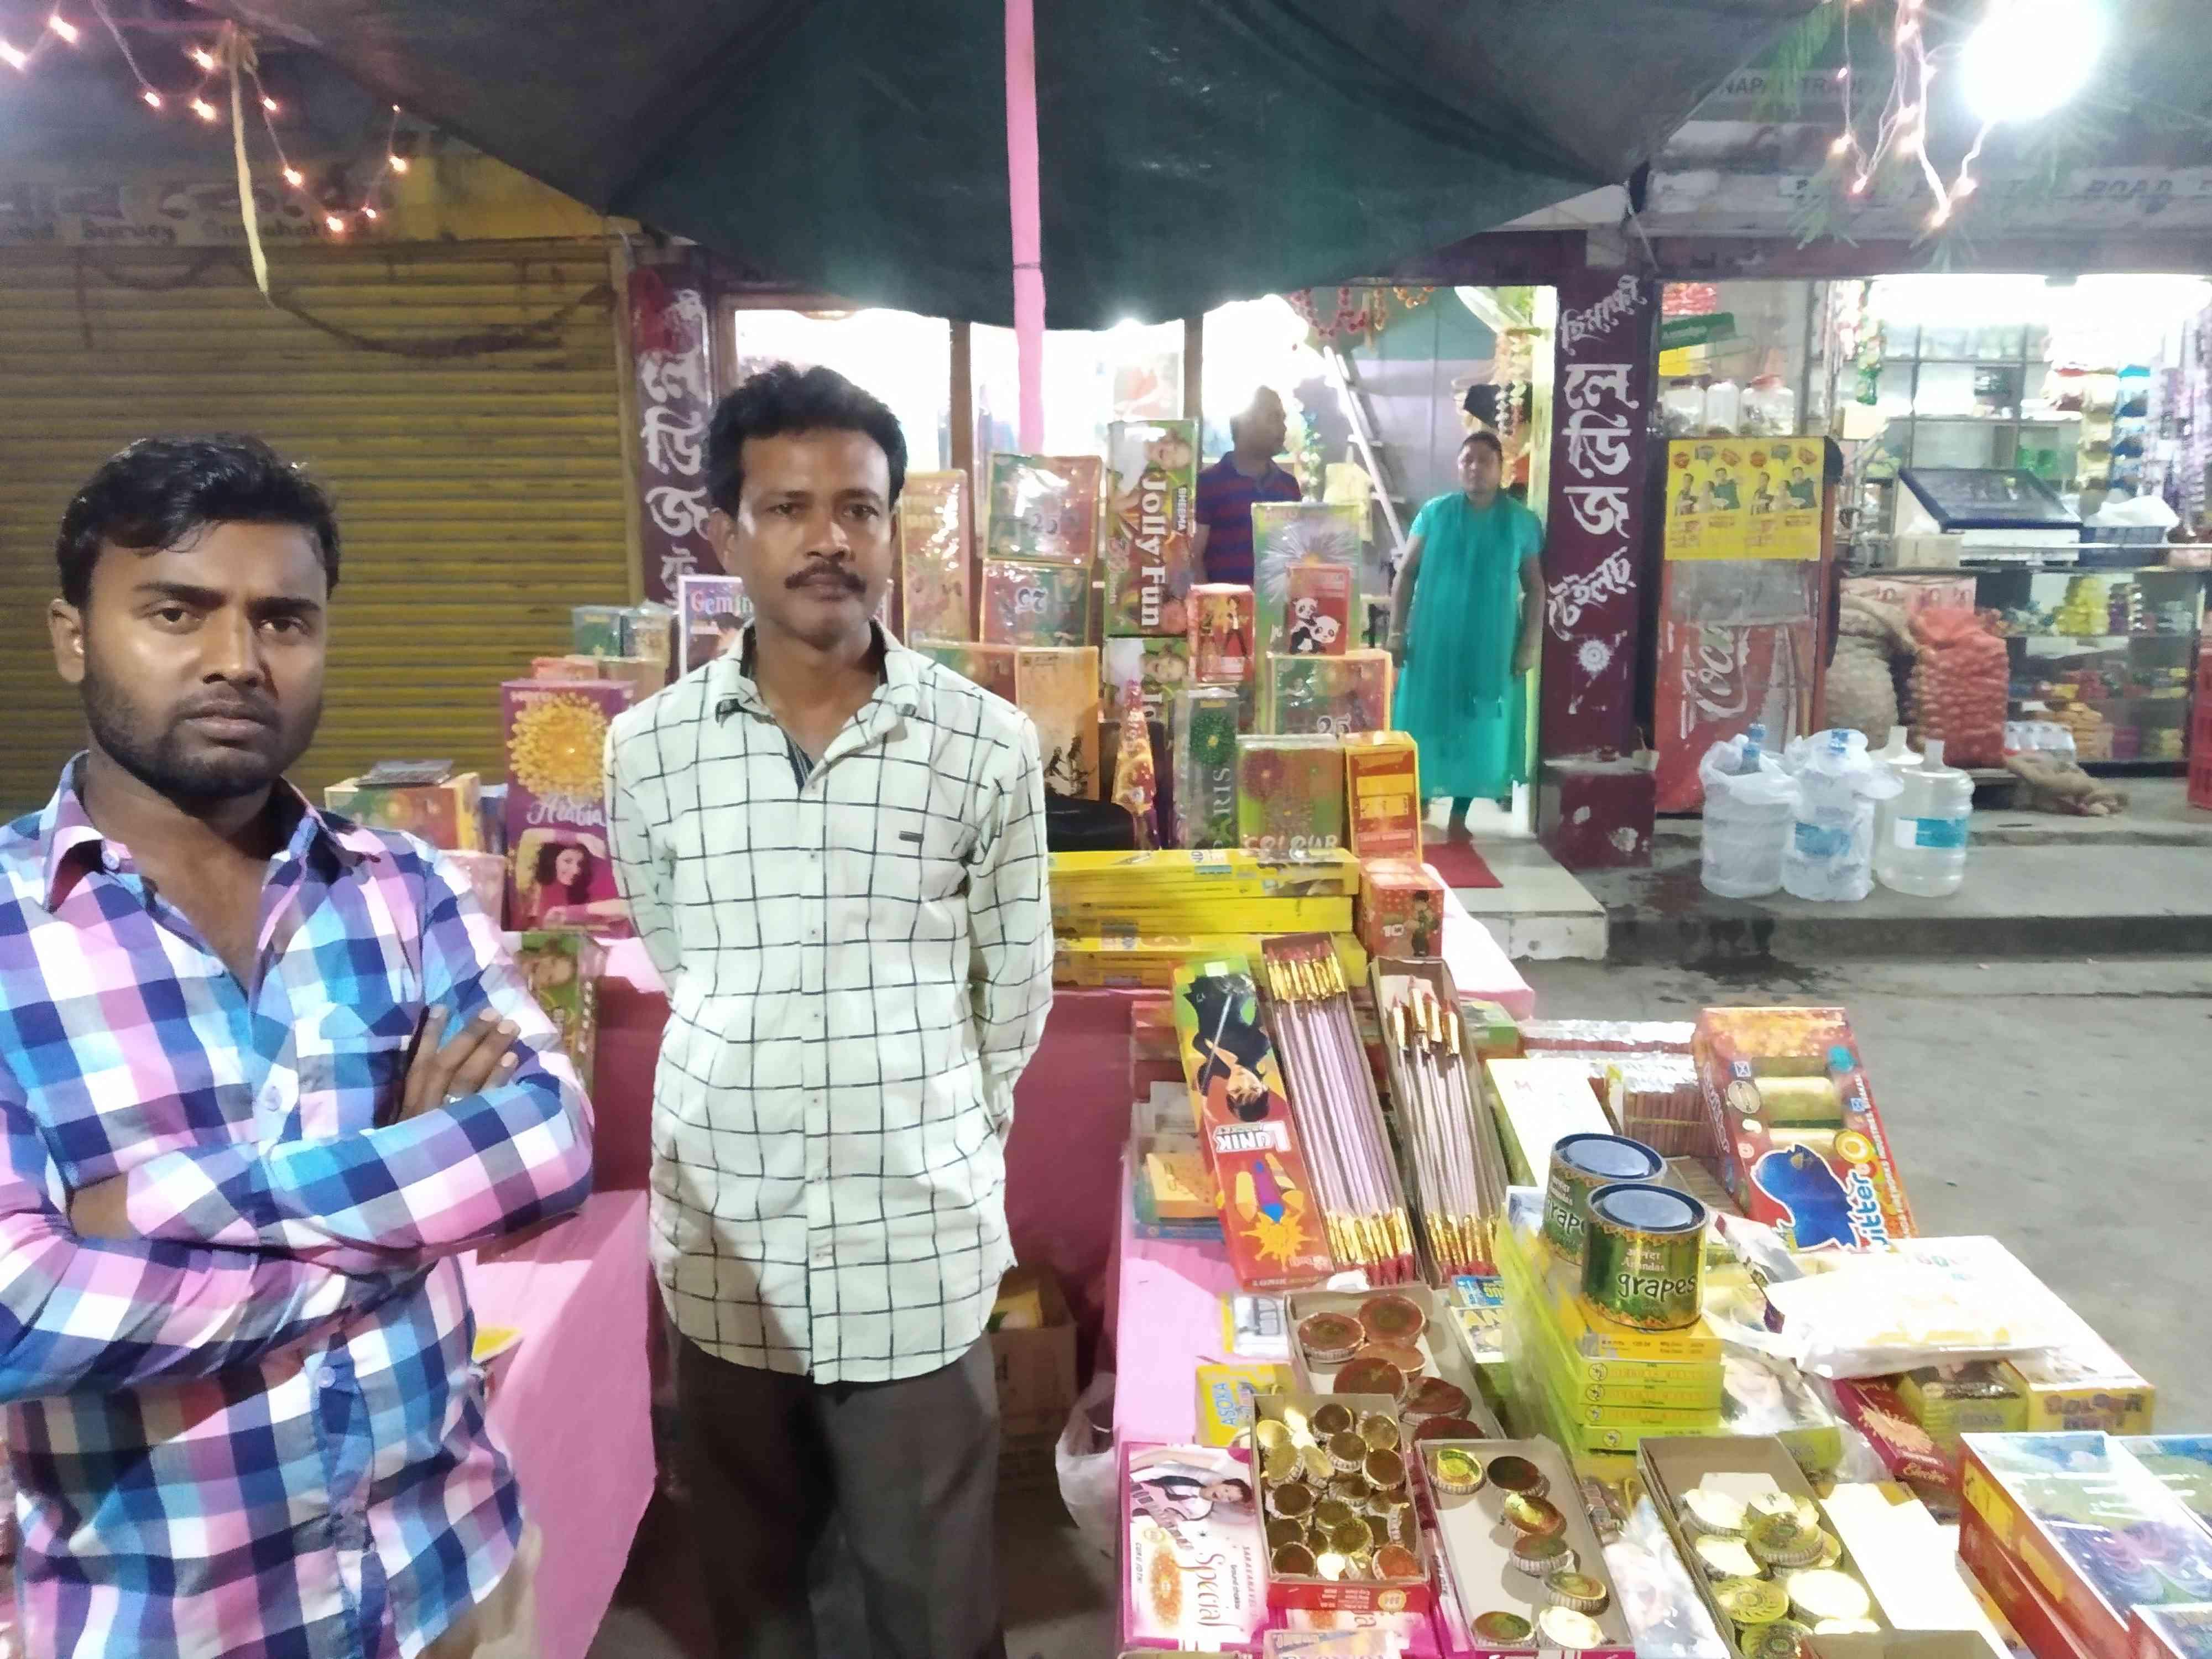 Sales were down at Kandarpa Das' shop in Guwahati on Wednesday. (Photo credit: Arunabh Saikia).